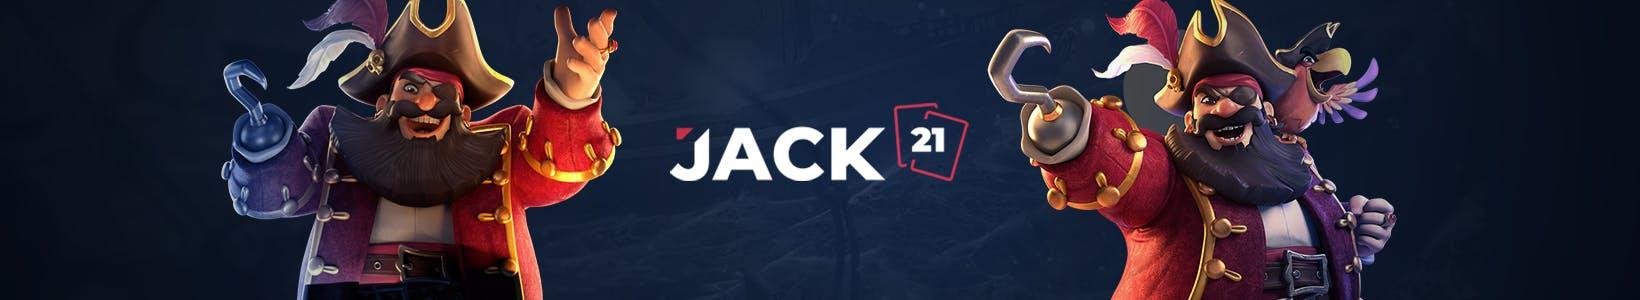 banniere promotionnelle jack21 casino par kagino